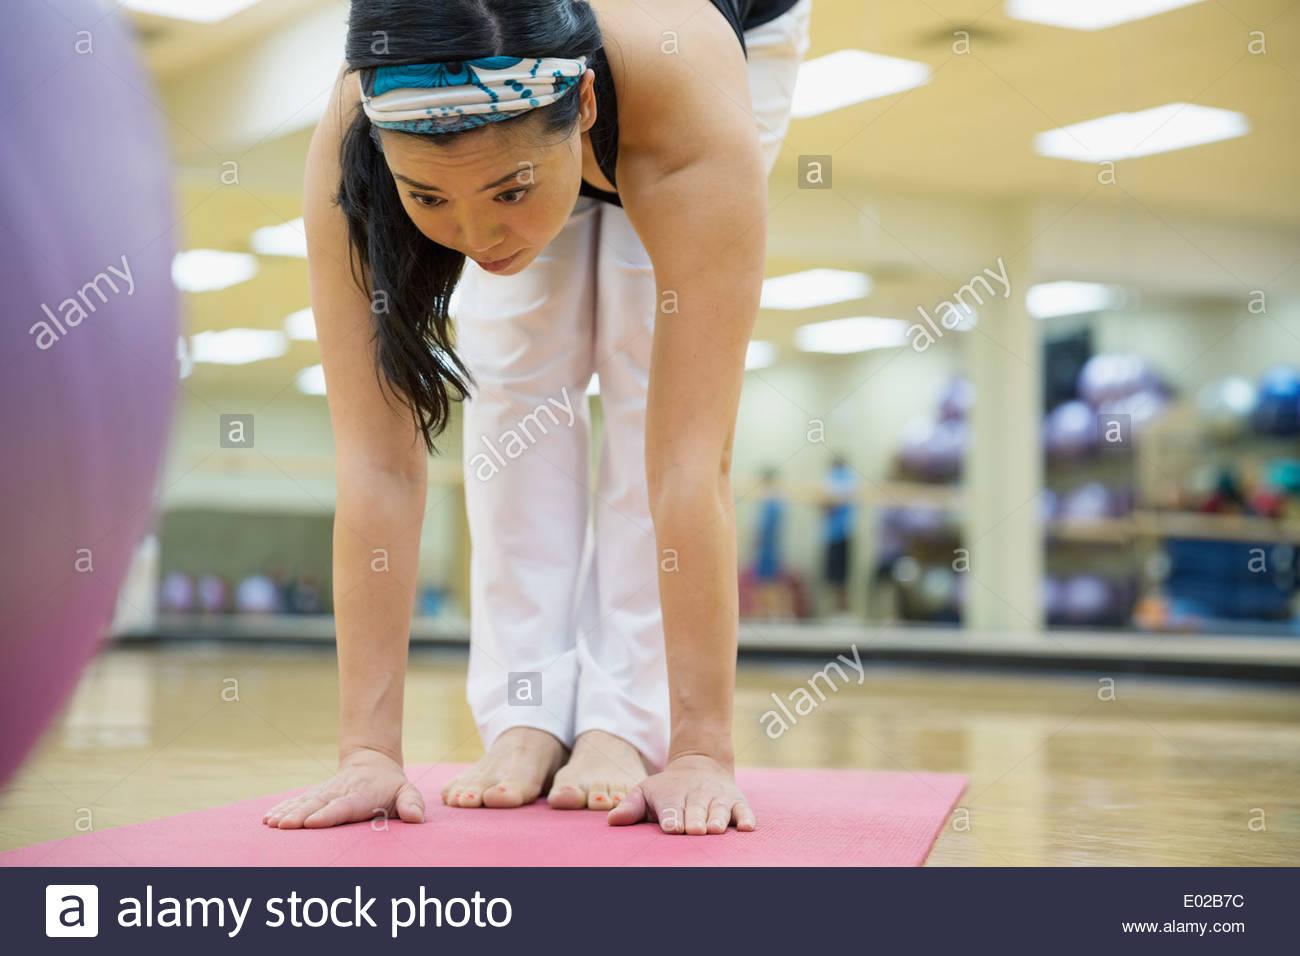 La donna a praticare yoga in palestra Immagini Stock